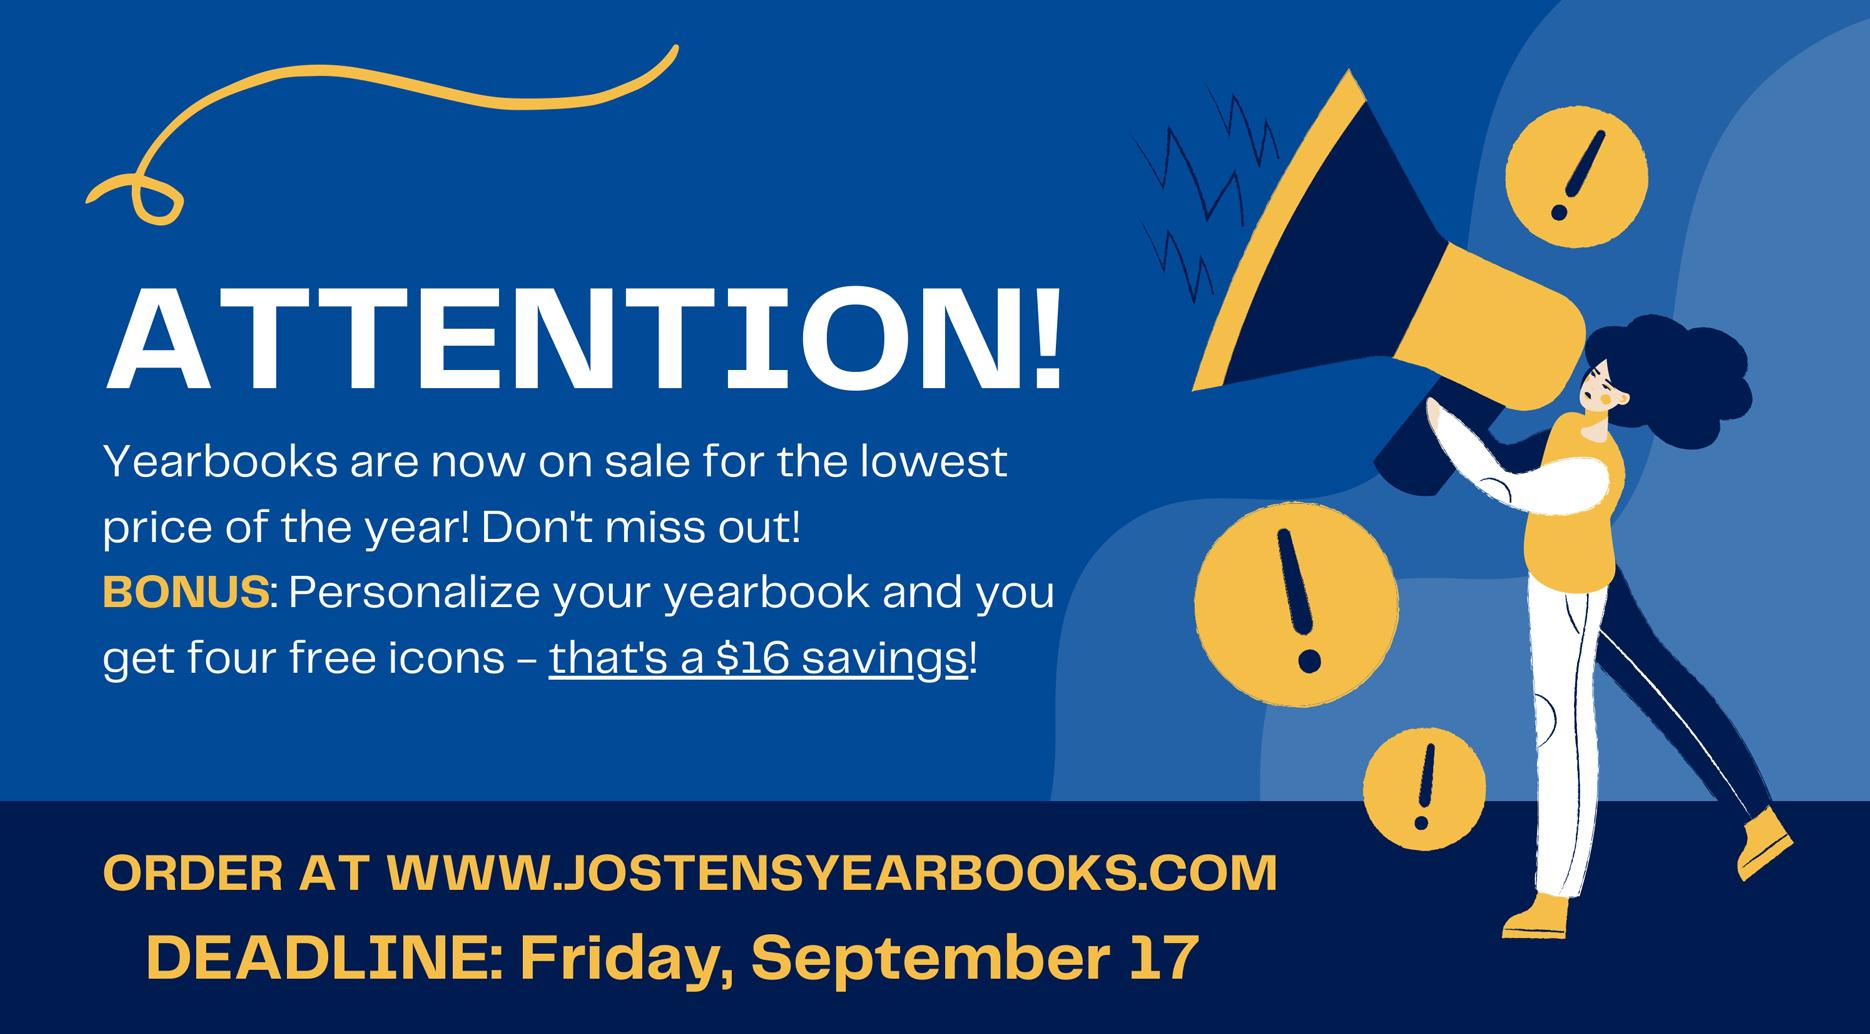 Jostens Yearbook Announcement